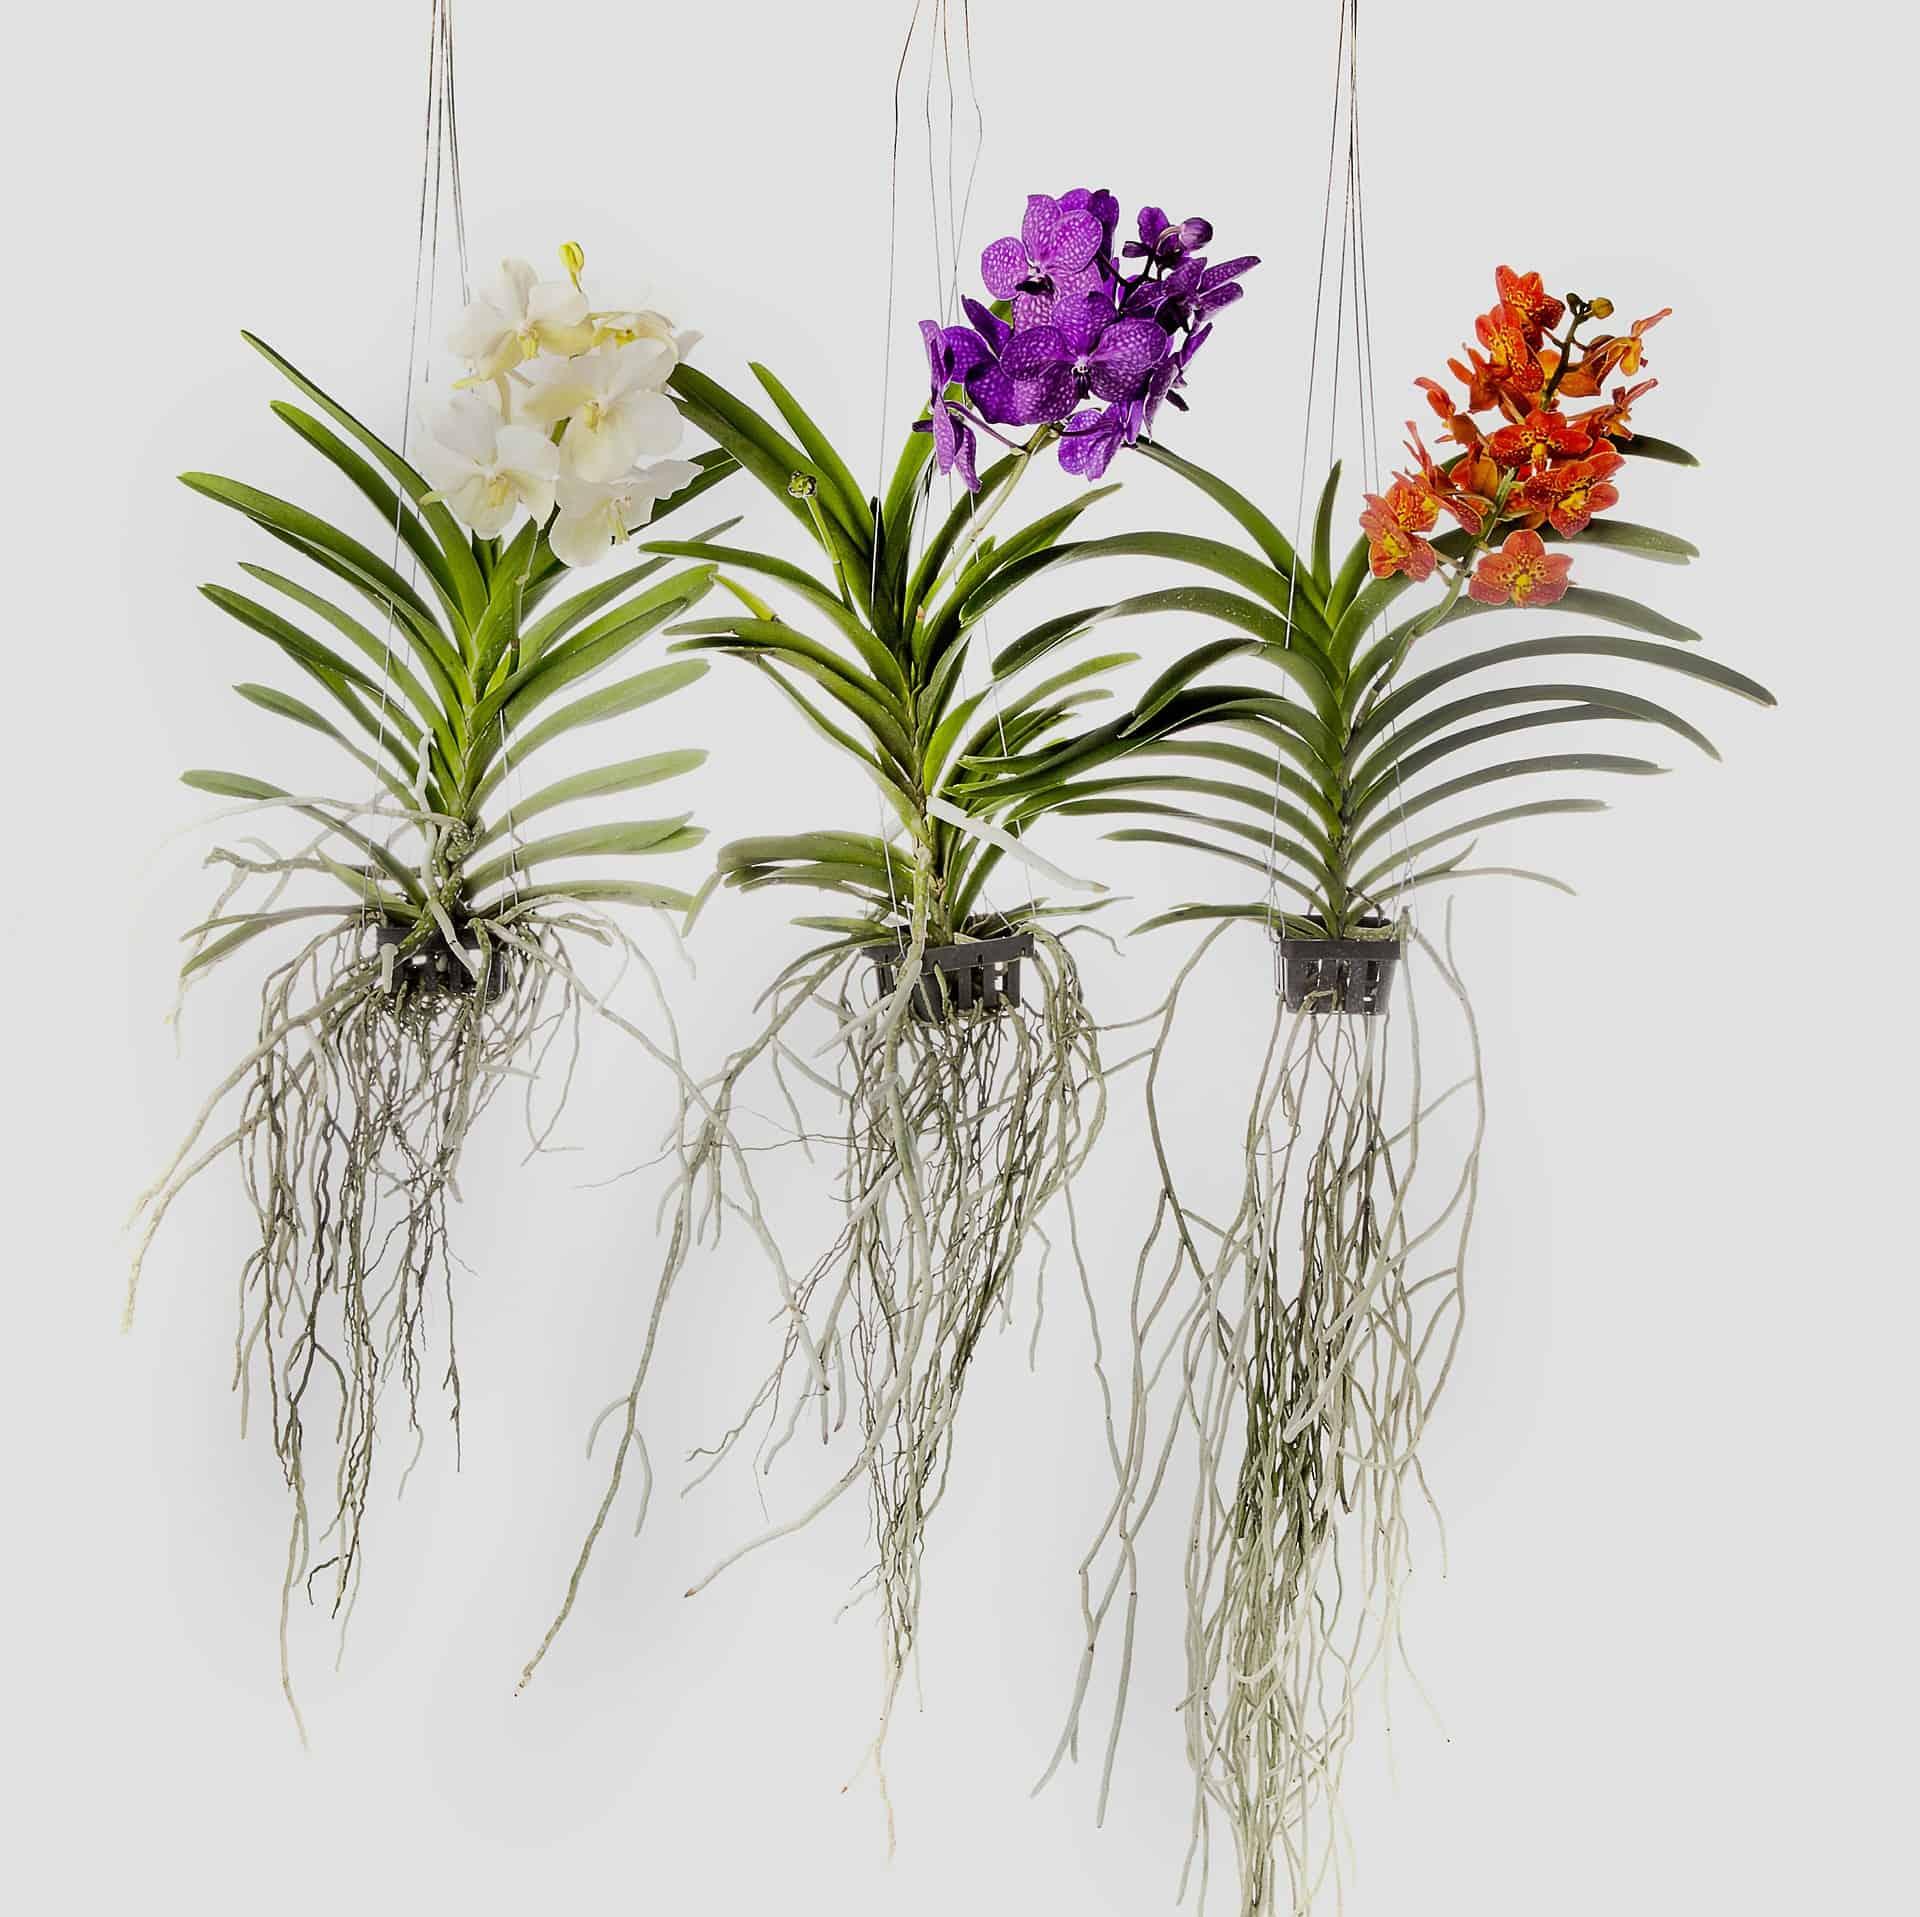 Vanda orkidea